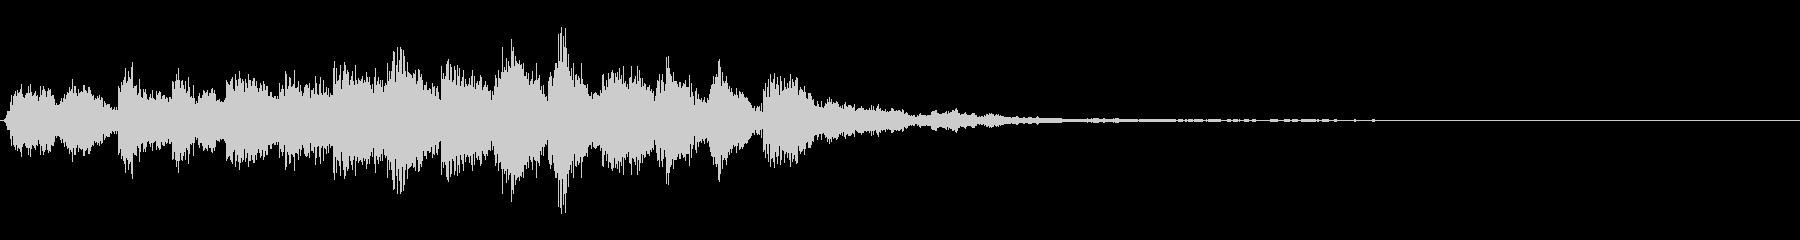 ブンブンブンチャンチャ…(アイキャッチ)の未再生の波形